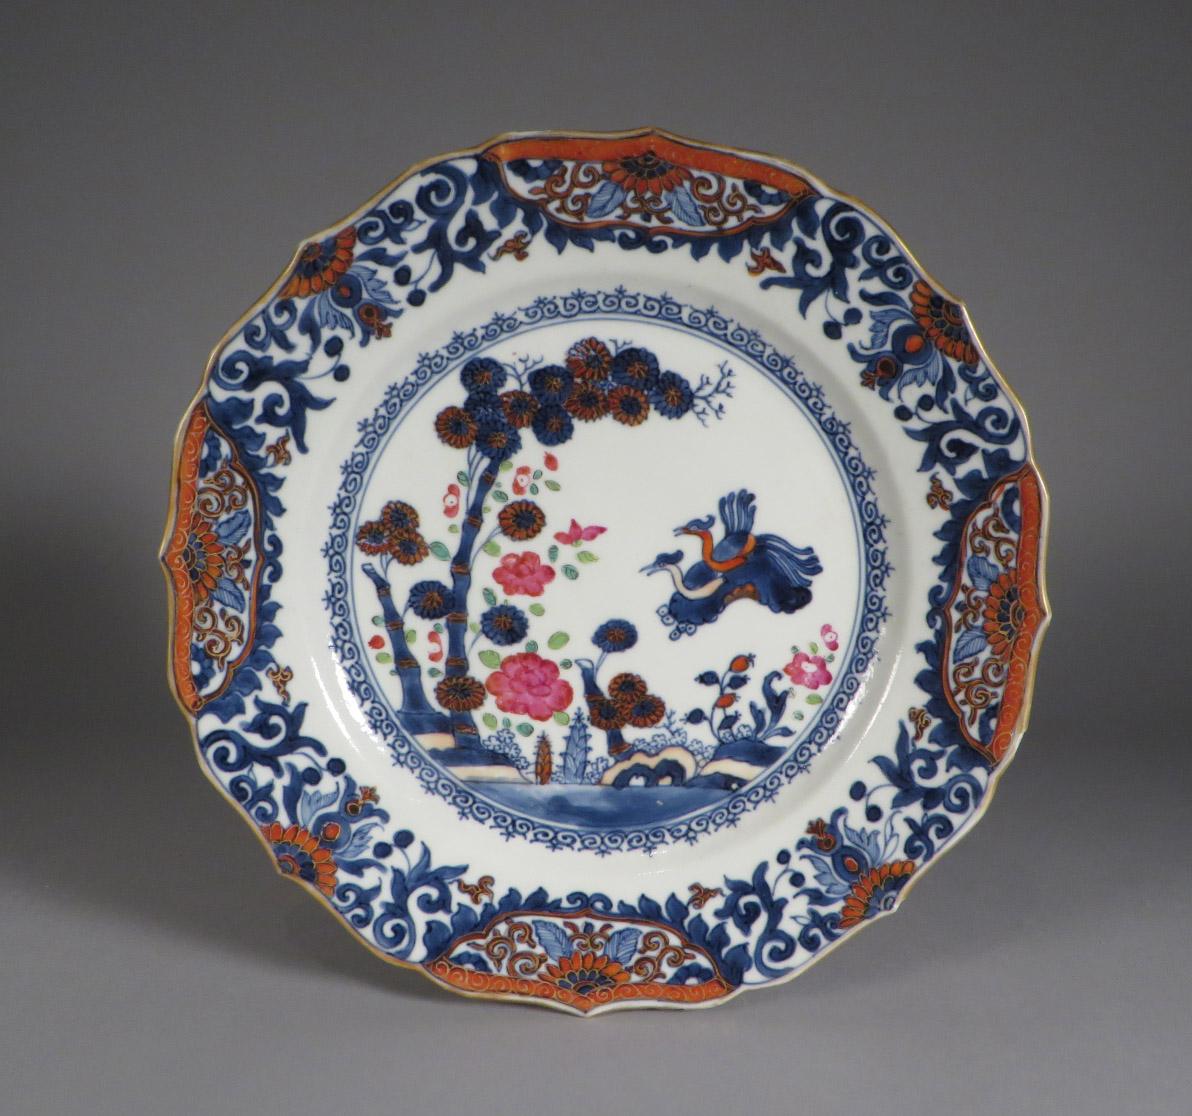 Chinese Imari pair plates 1750 detail 2 & Pair of Chinese Imari Dinner Plates c.1750 | DUBEYu0027S ART u0026 ANTIQUES